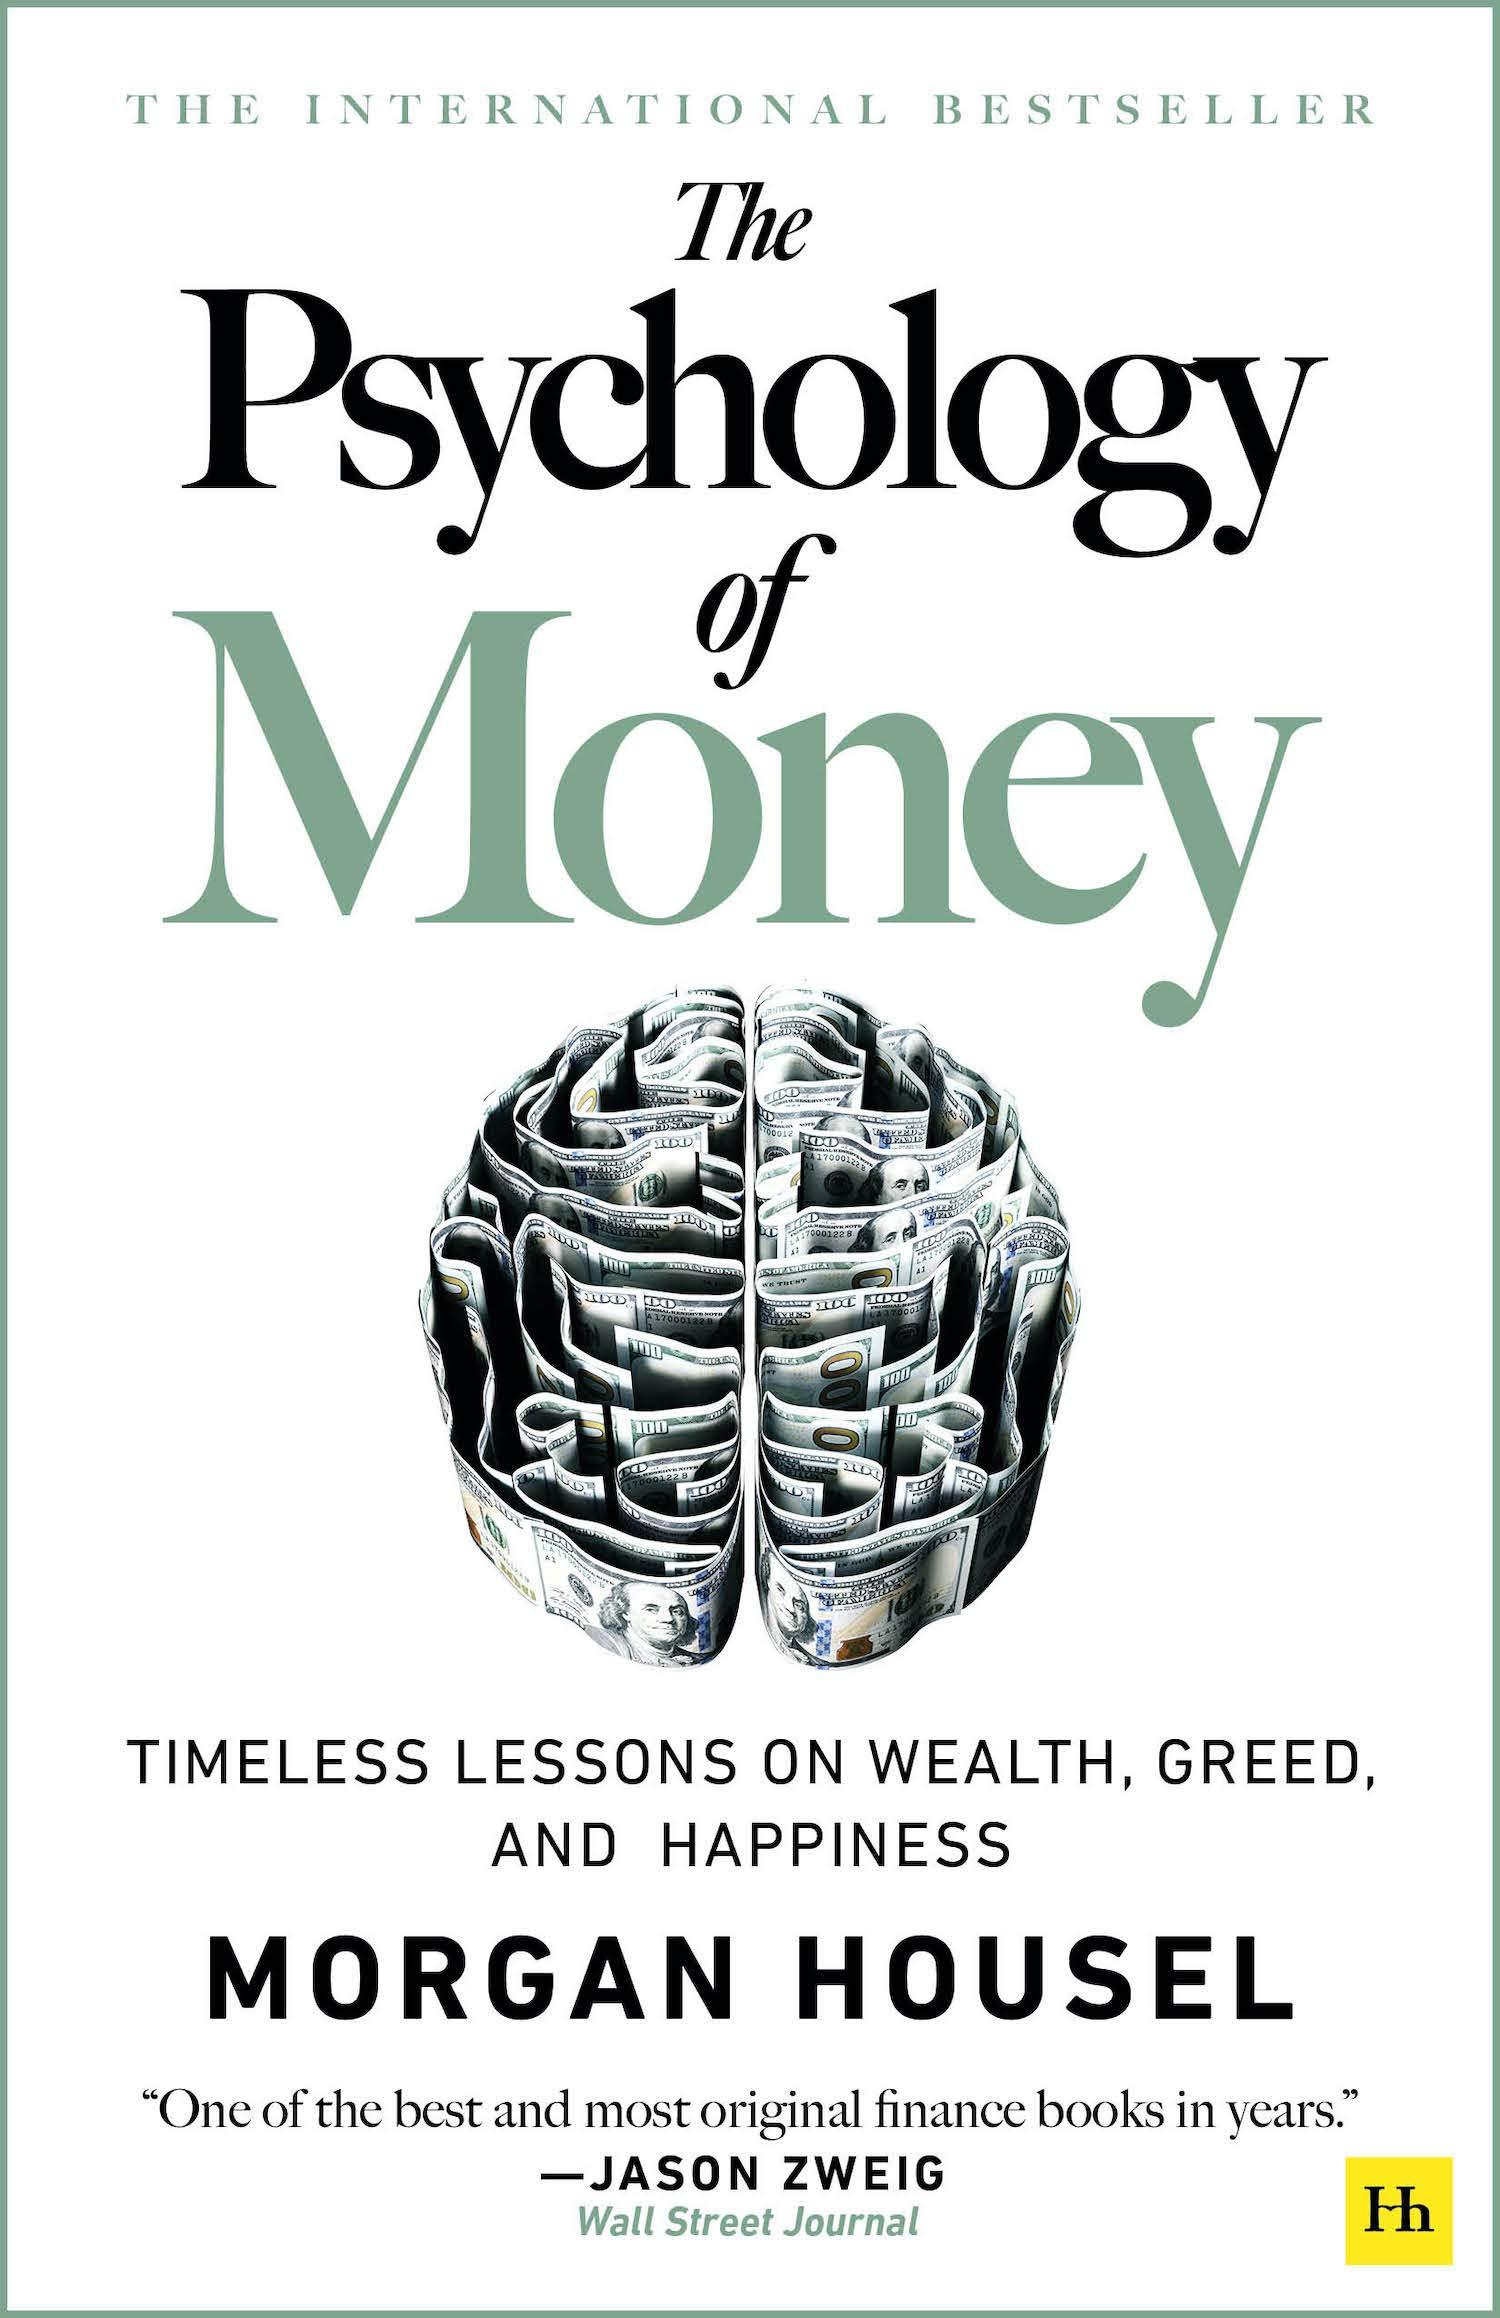 पैसाको बारे फरक दृष्टिकोण दिने पुस्तक 'साइकोलोजी अफ मनि' को सारंश